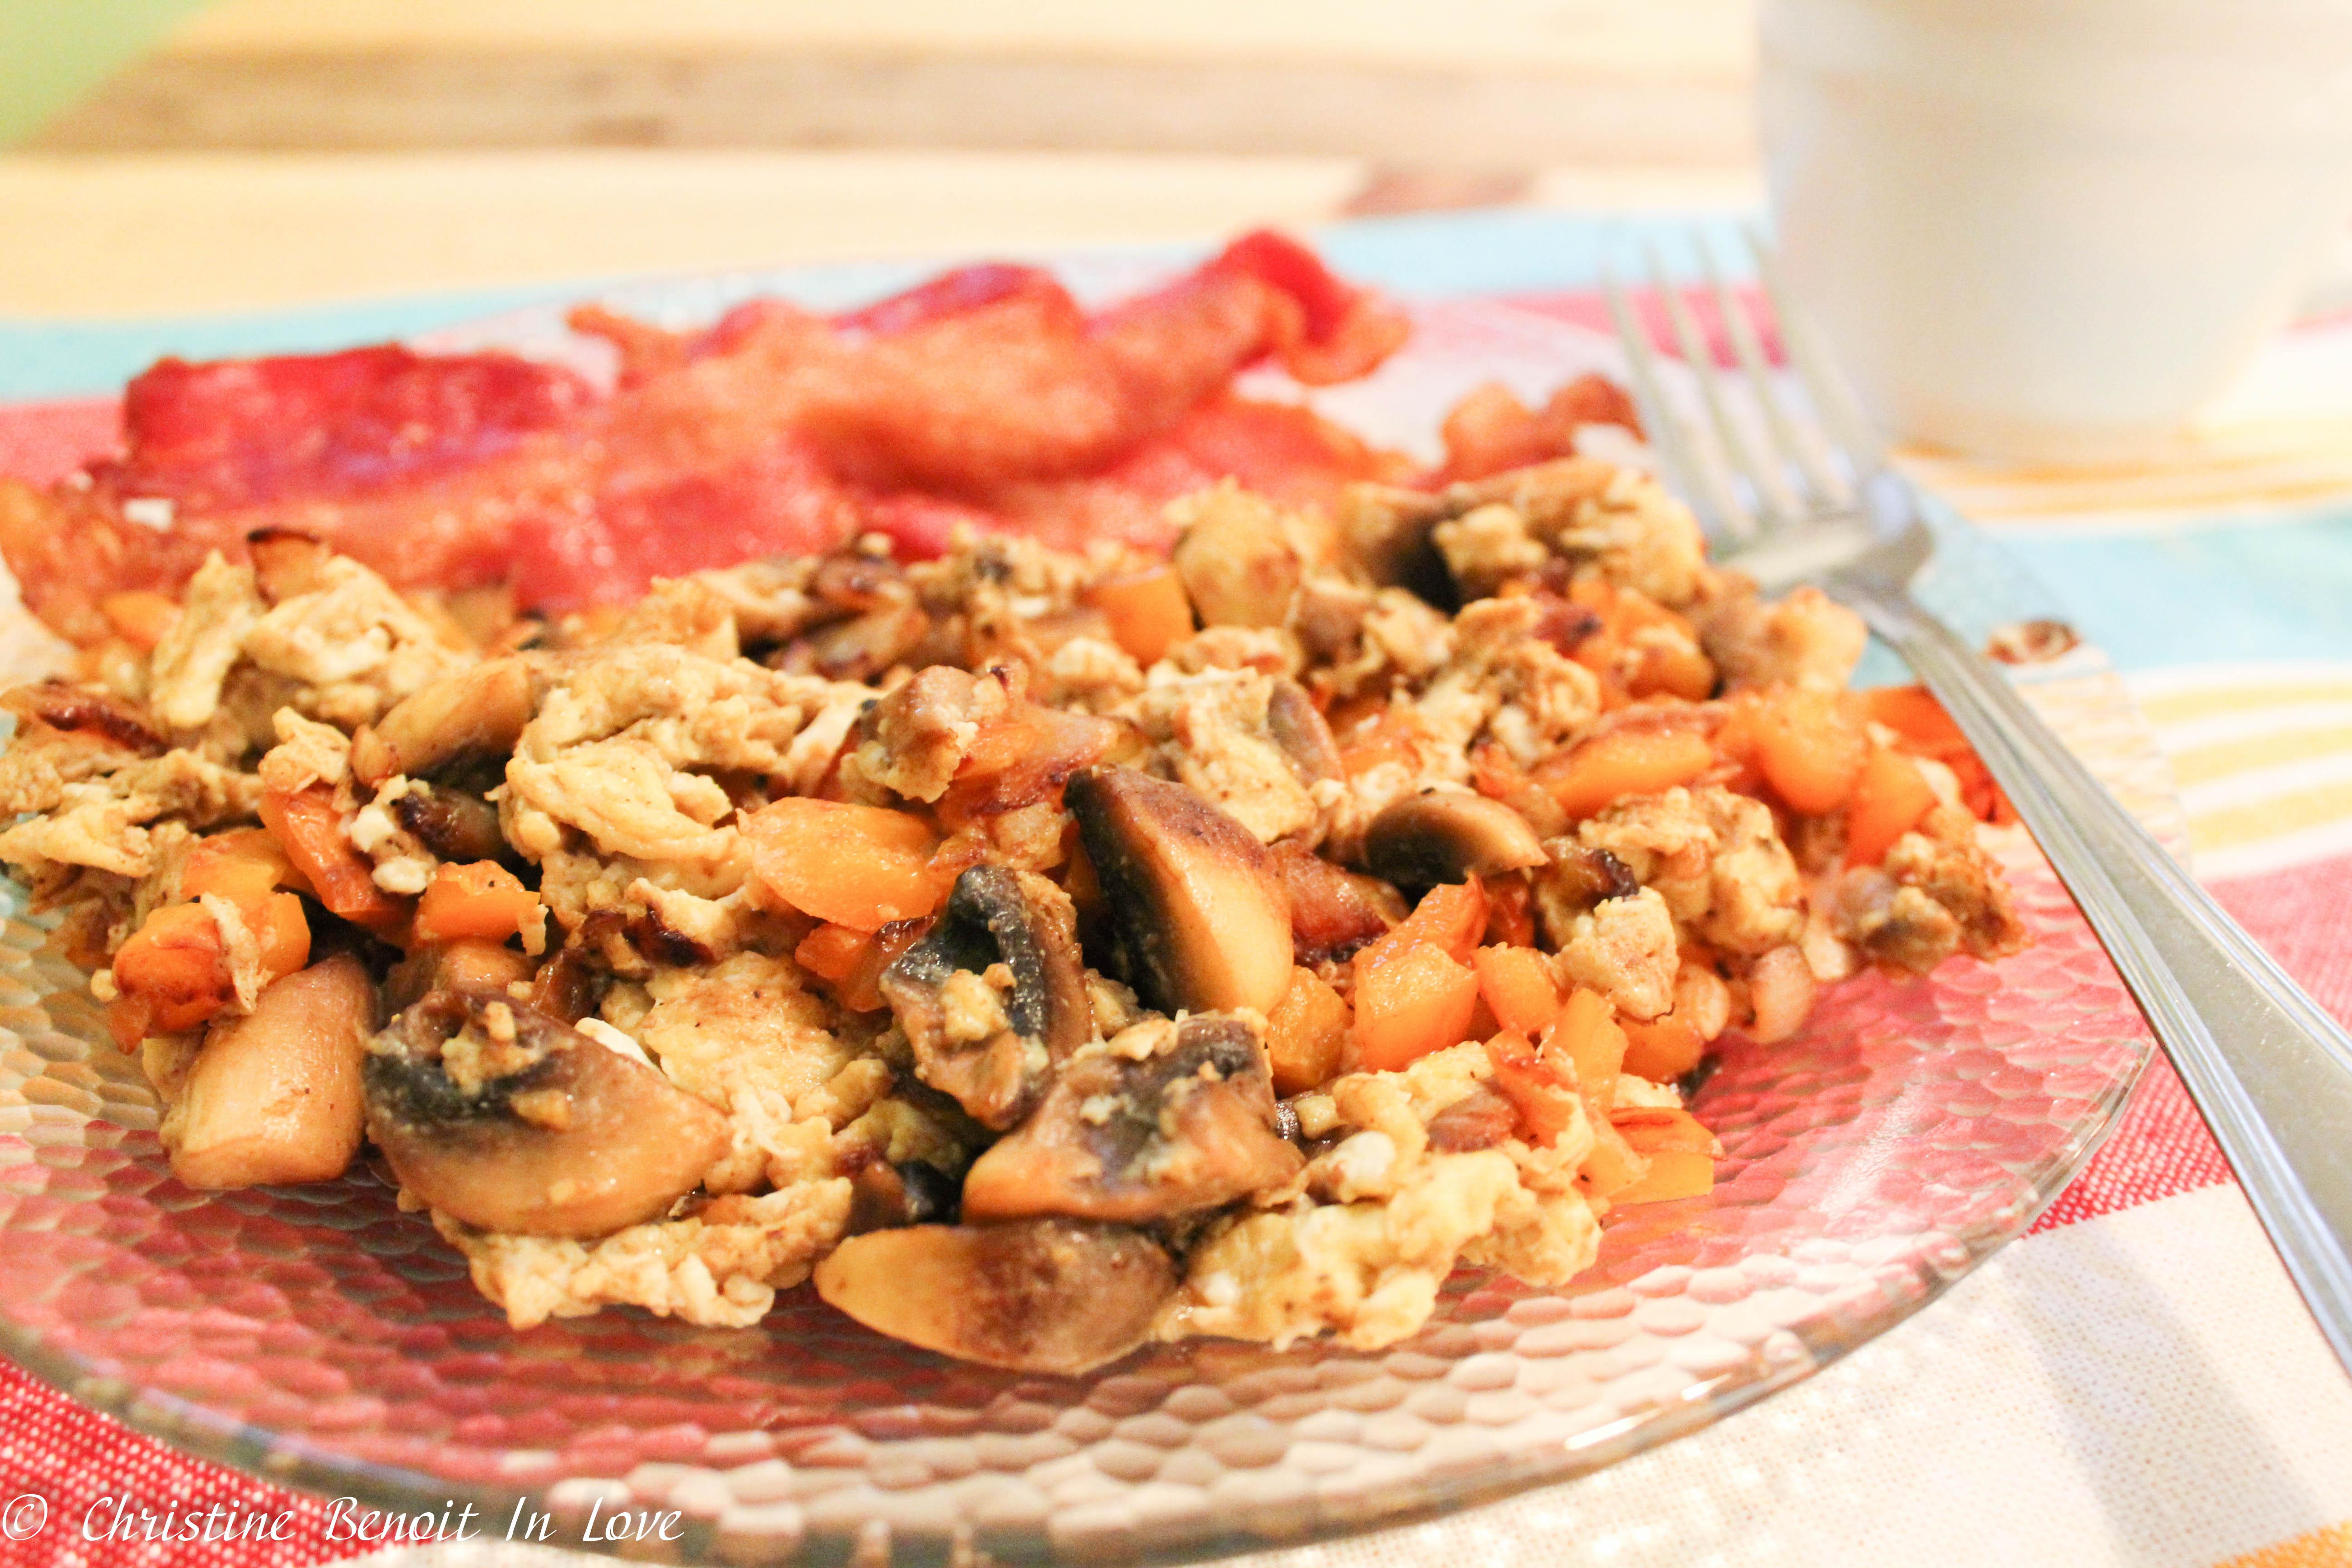 Mushroom Garlic Breakfast Scramble (THM S)